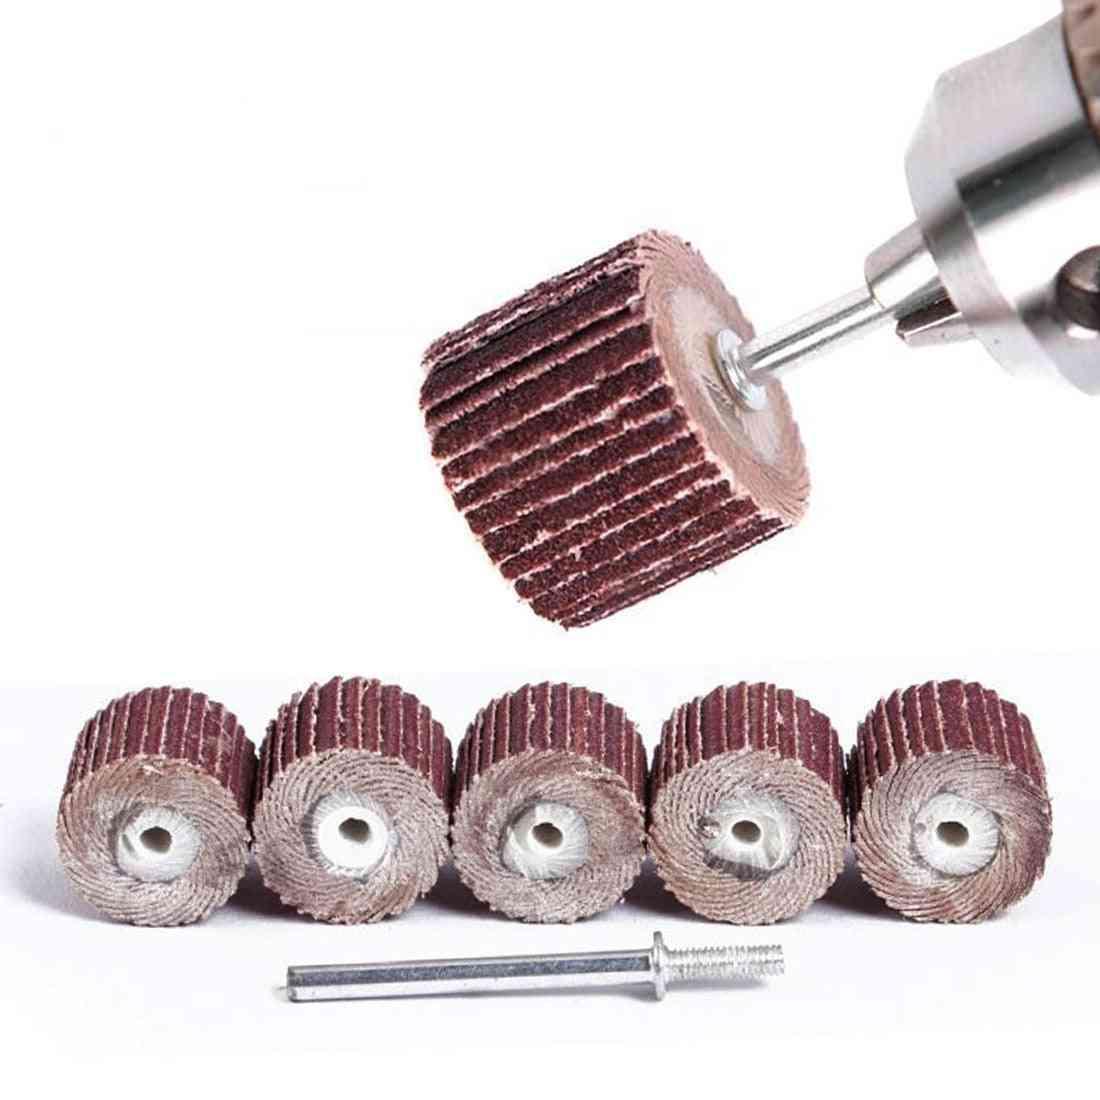 Dremel Sandpaper, Sanding Flap Disc, Shutter Polishing Wheel For Rotary Tool